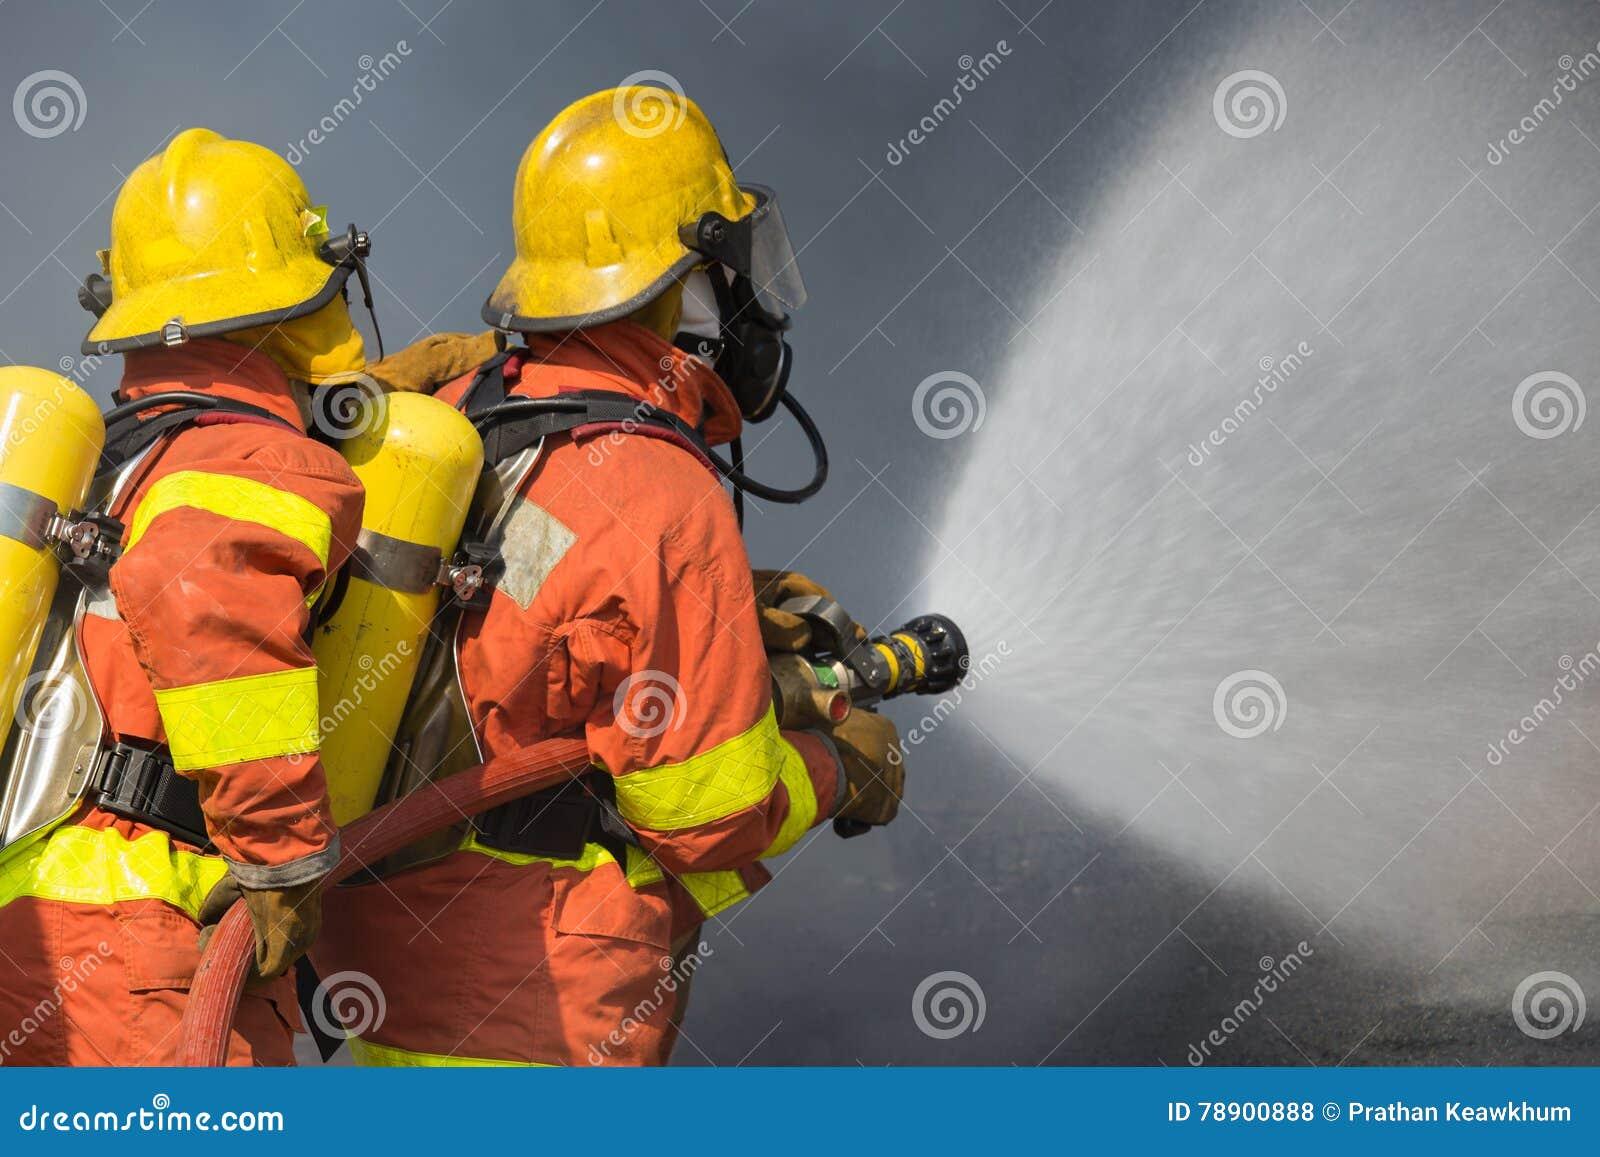 2 Feuerwehrmänner, die Wasser in der Feuerbekämpfung mit dunklem Rauche b spritzen